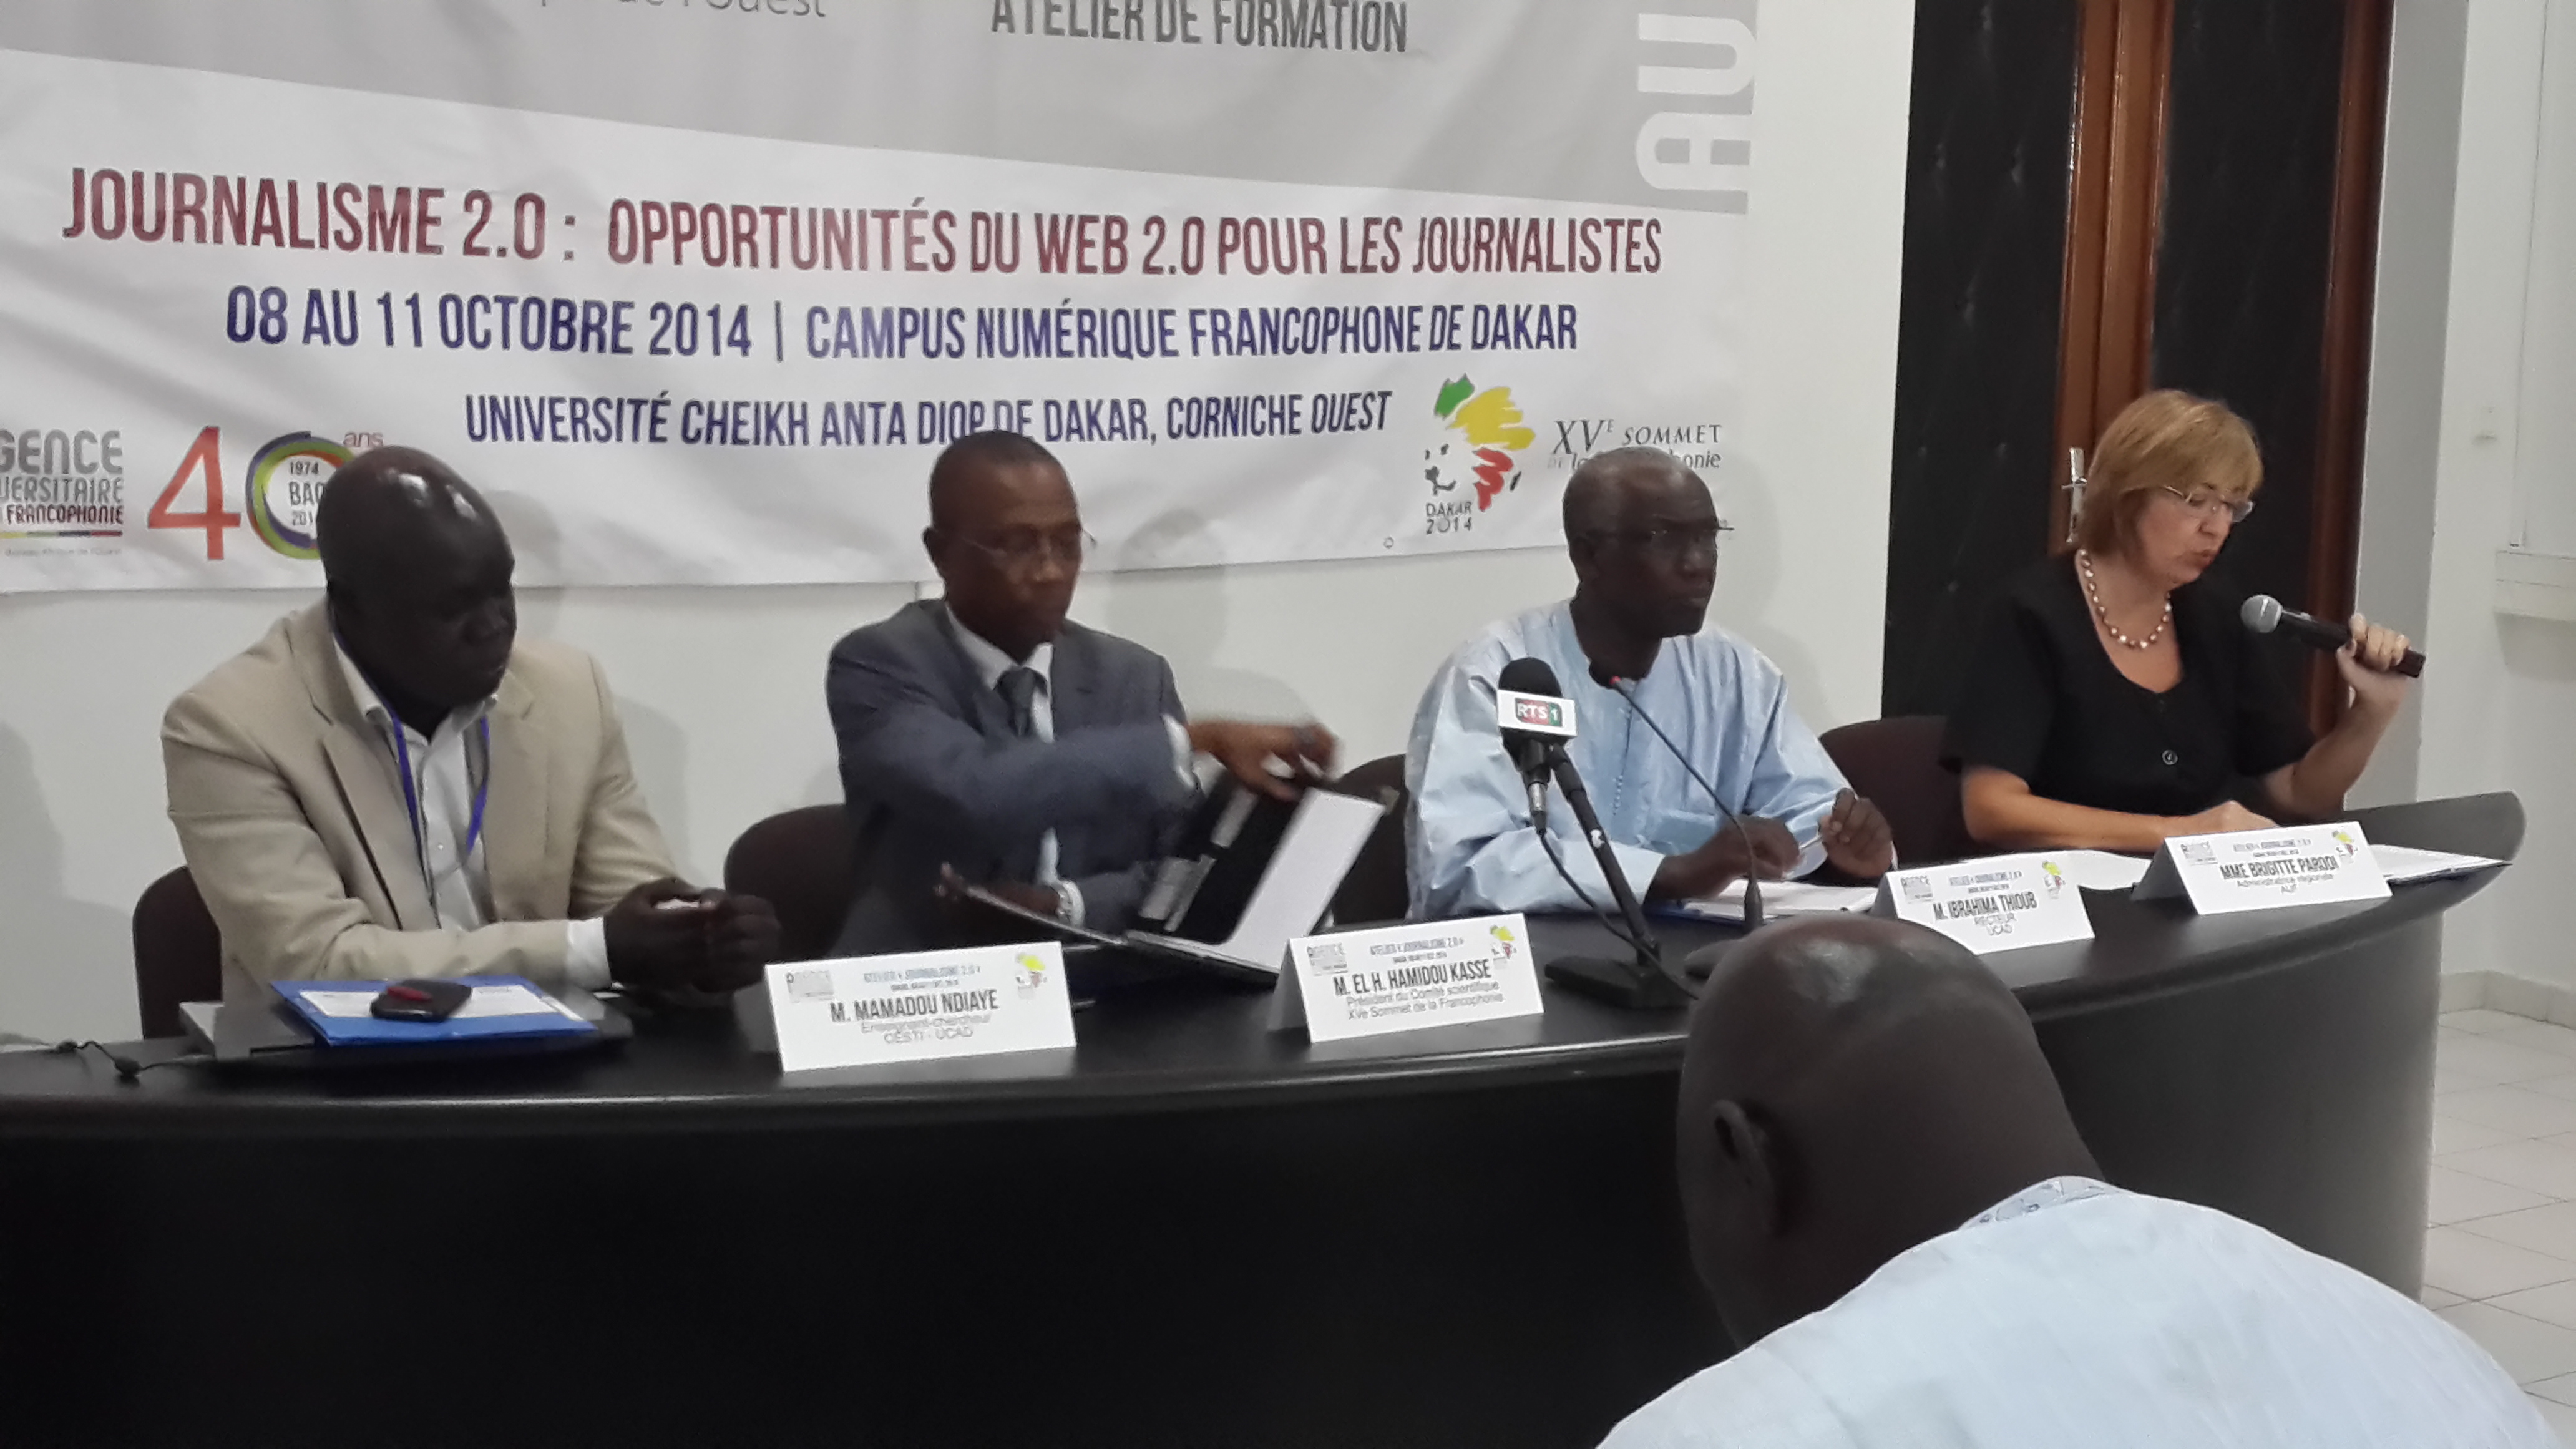 Journalisme 2.0: la presse en route vers le XVe sommet de la Francophonie